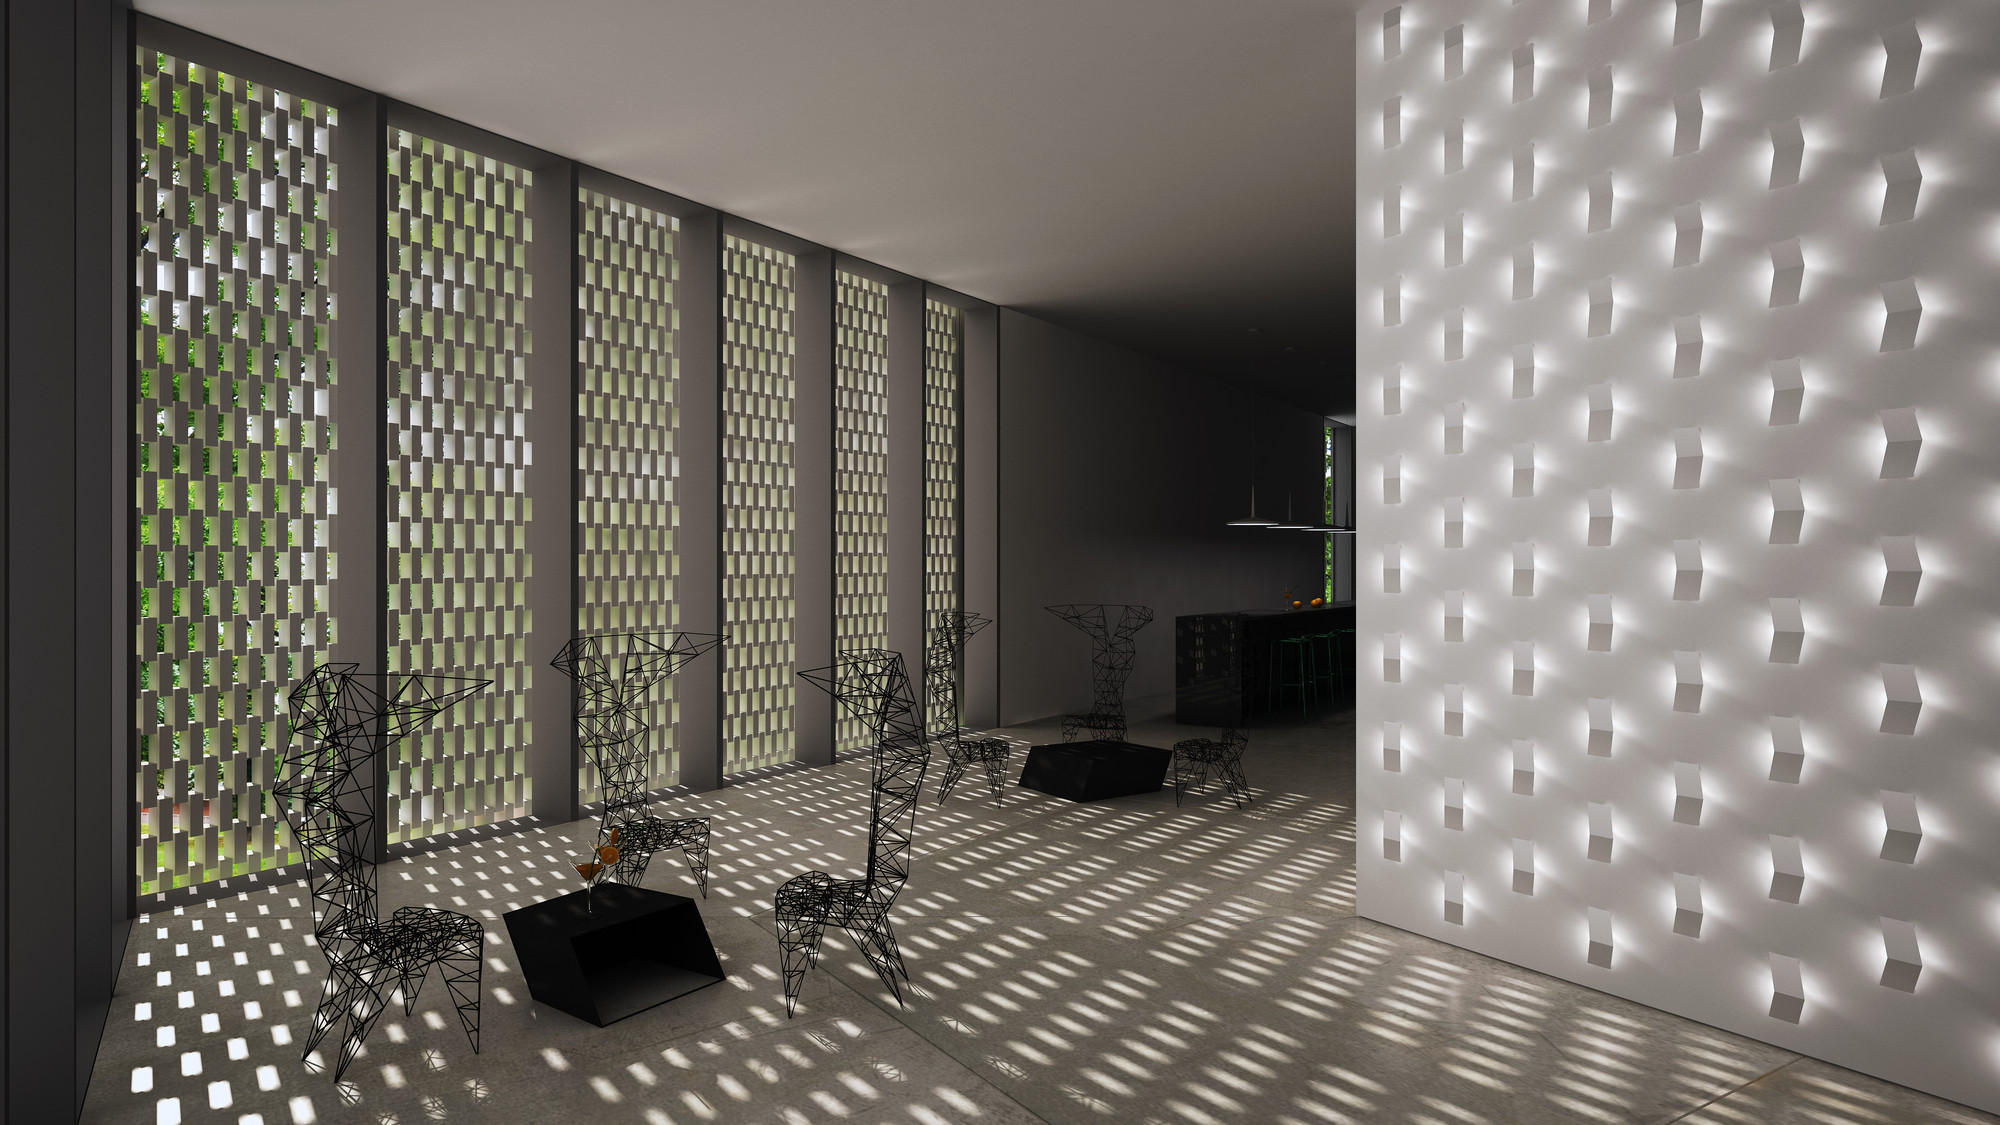 Premiación CREA AWARDS 2012 por Vibia, PRIMER LUGAR: la ventana óptica por Smart Metropolitans